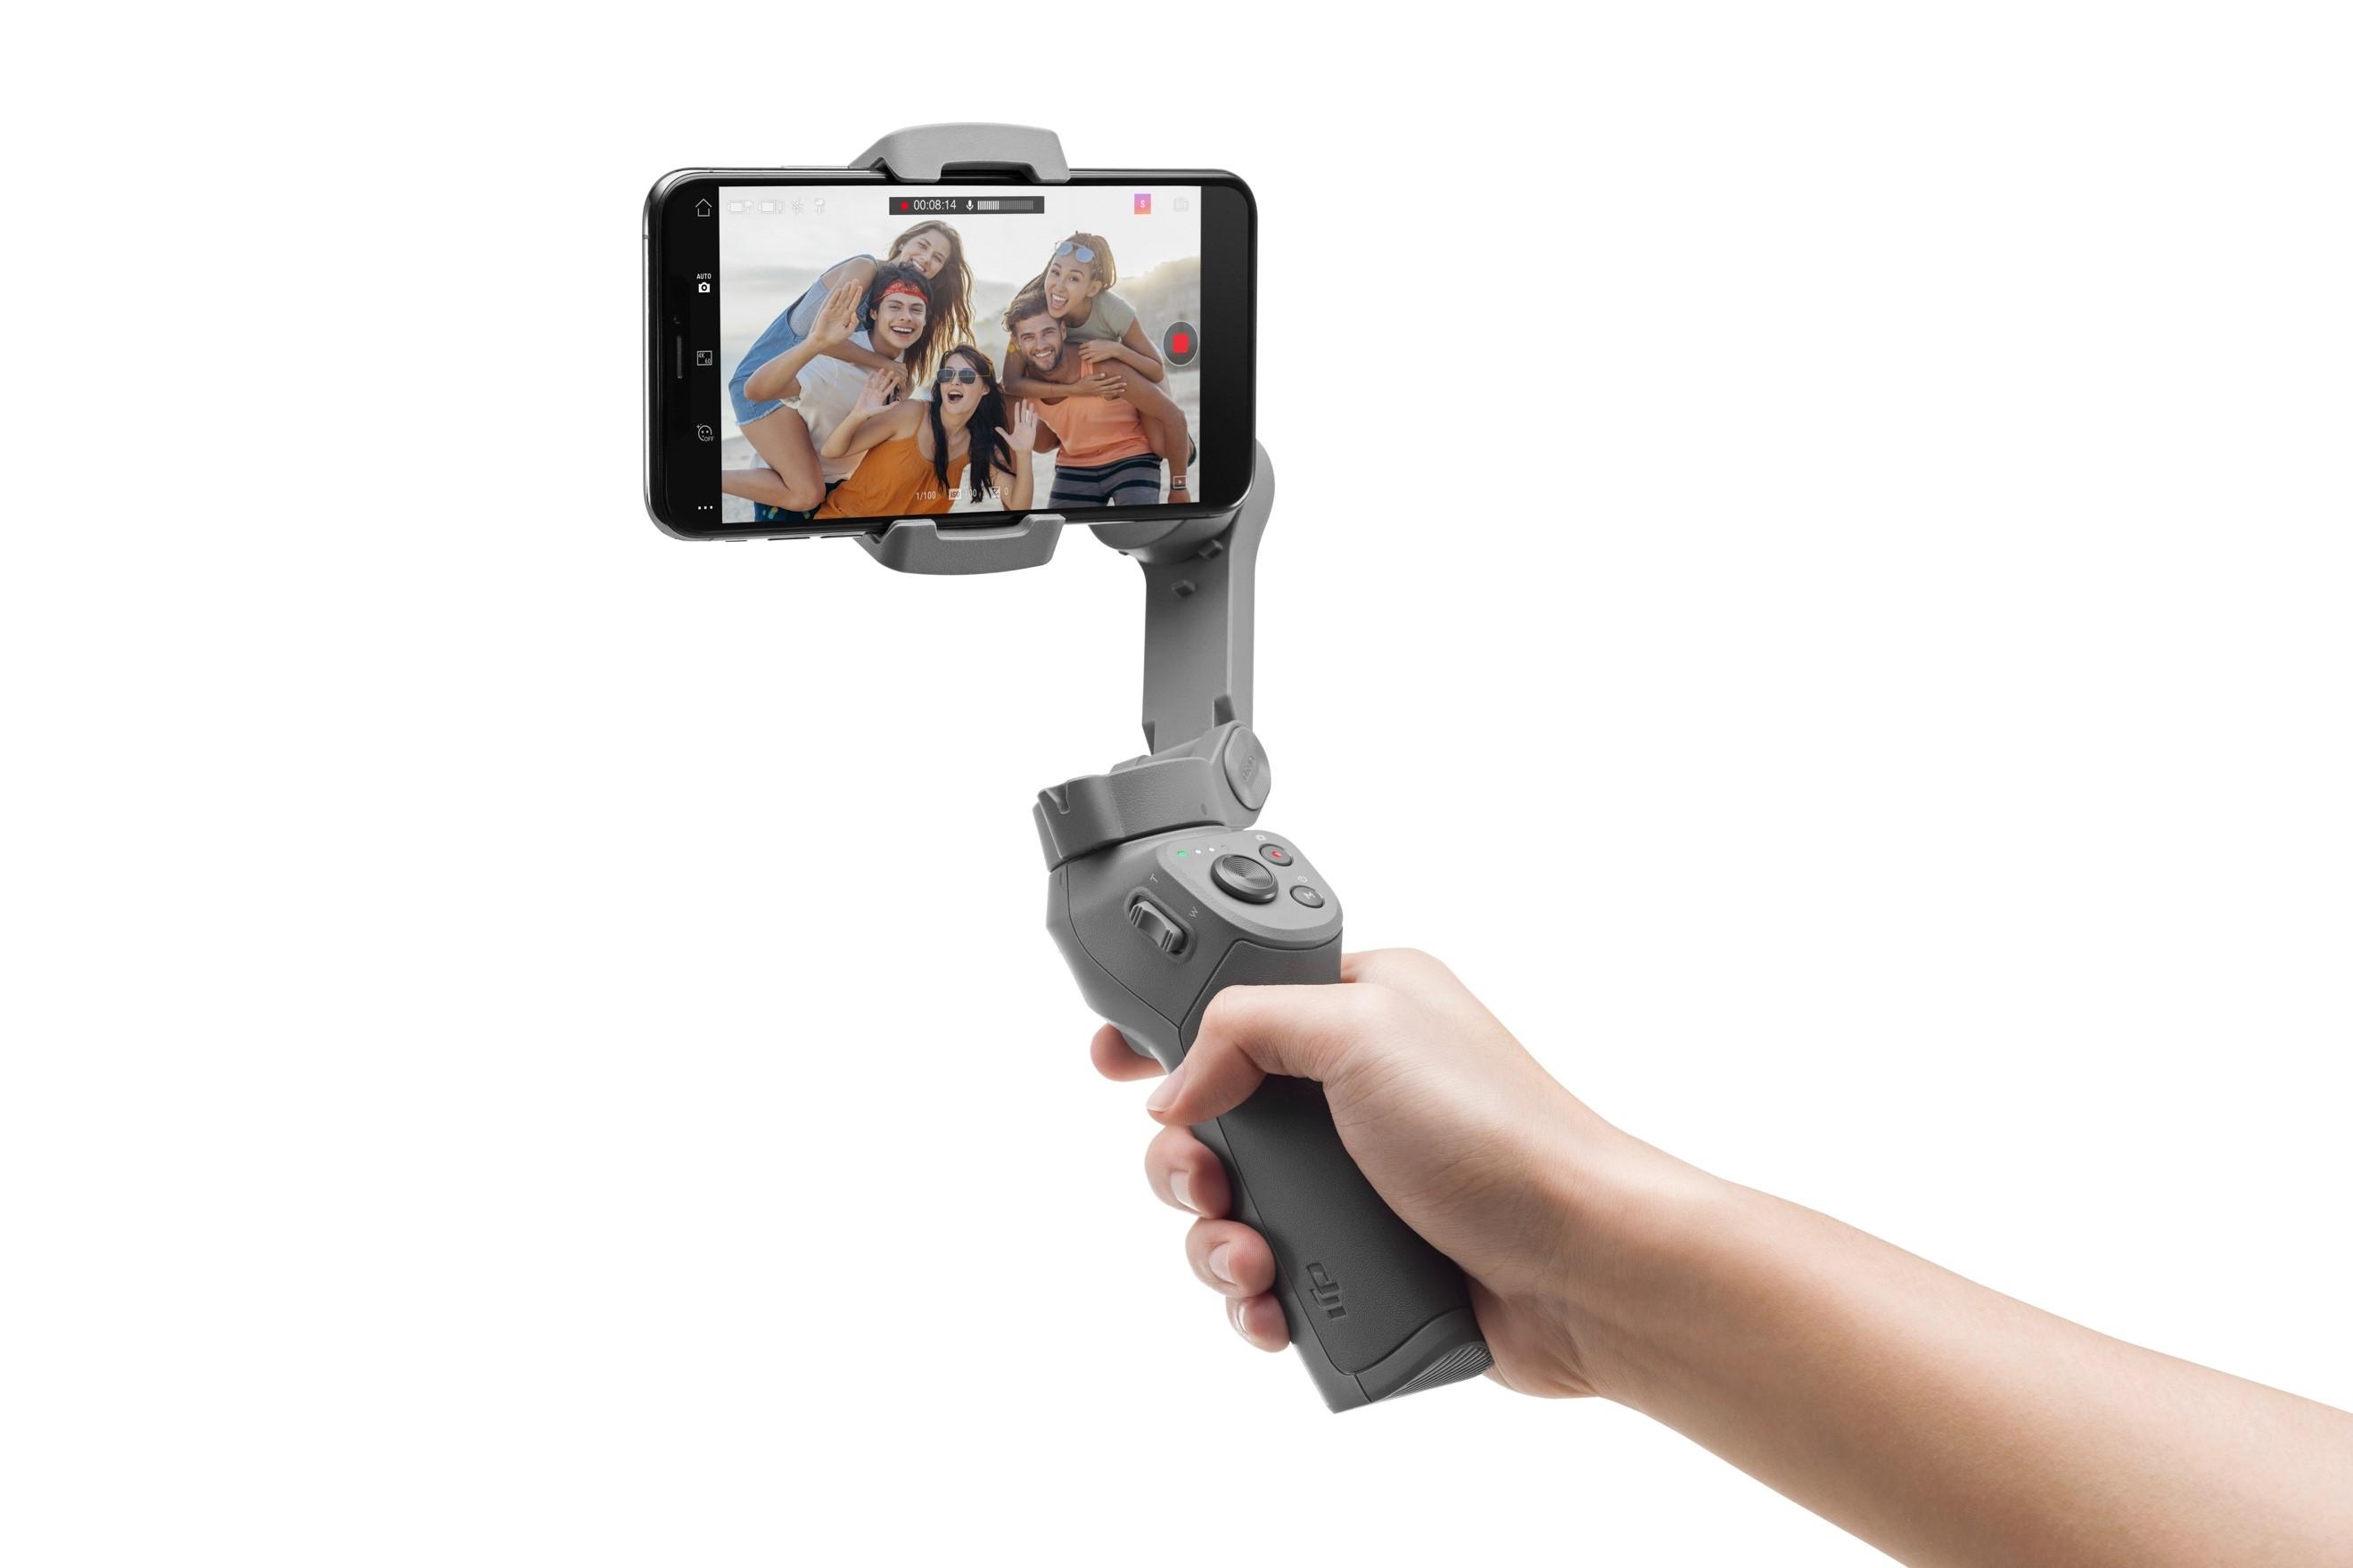 DJI 大年夜疆创新发布灵眸手机云台3,采取可折叠设计